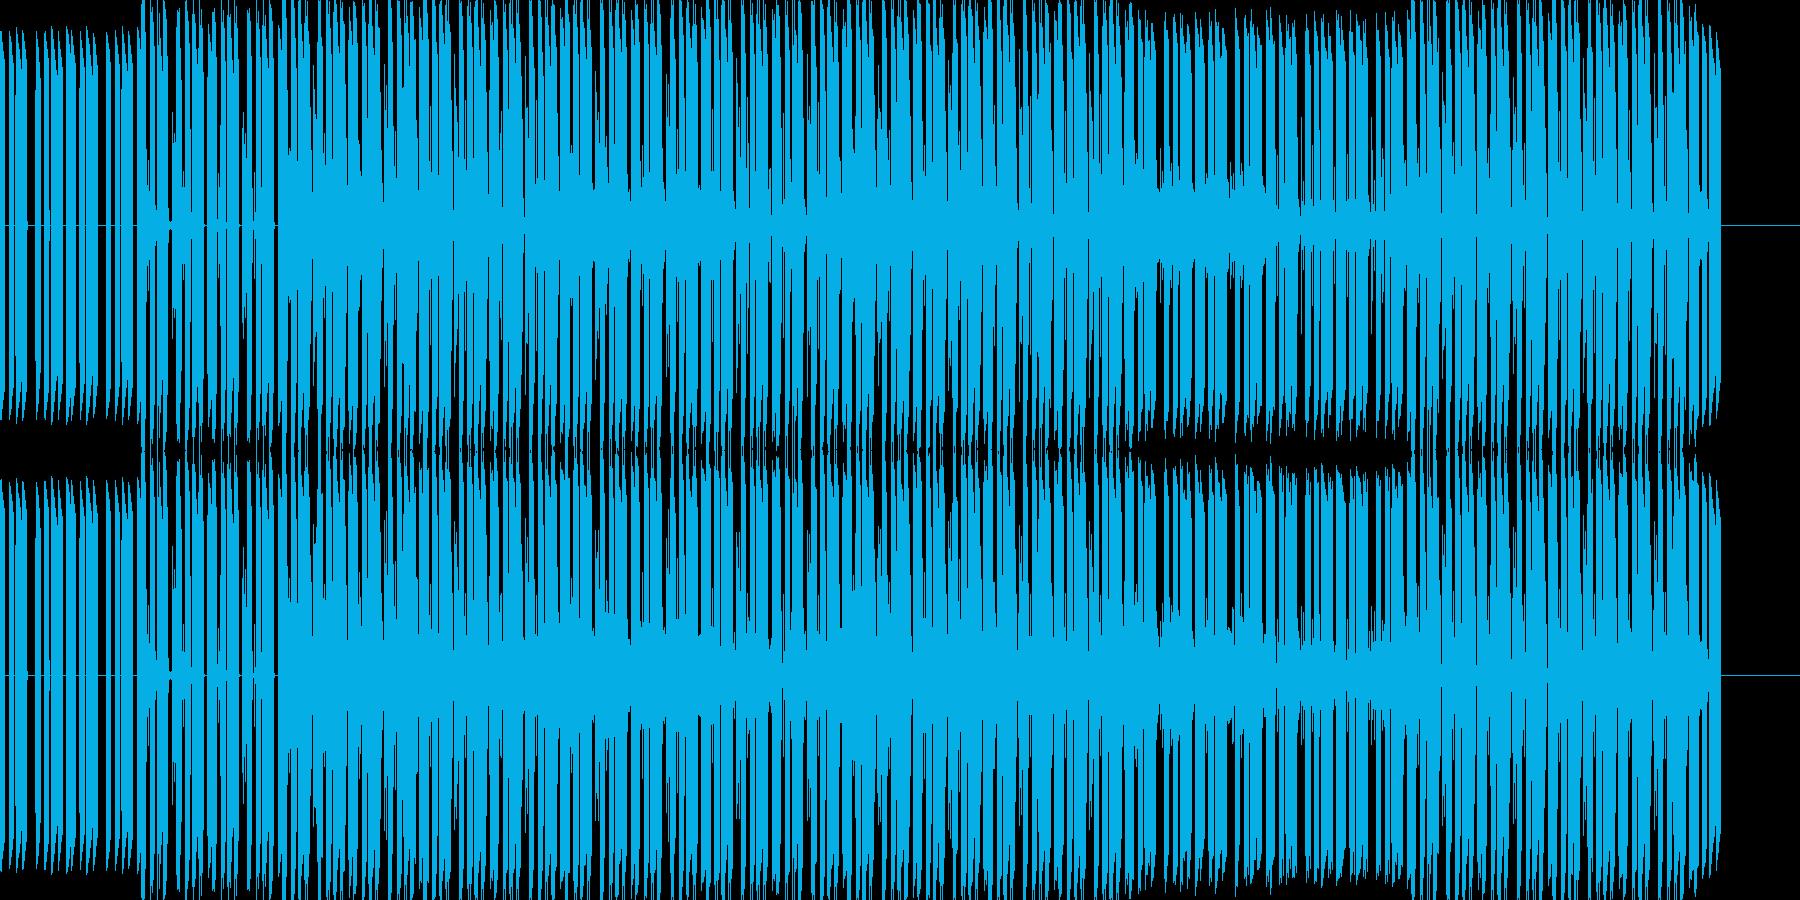 ベースフレーズと幻想的で不思議な雰囲気…の再生済みの波形